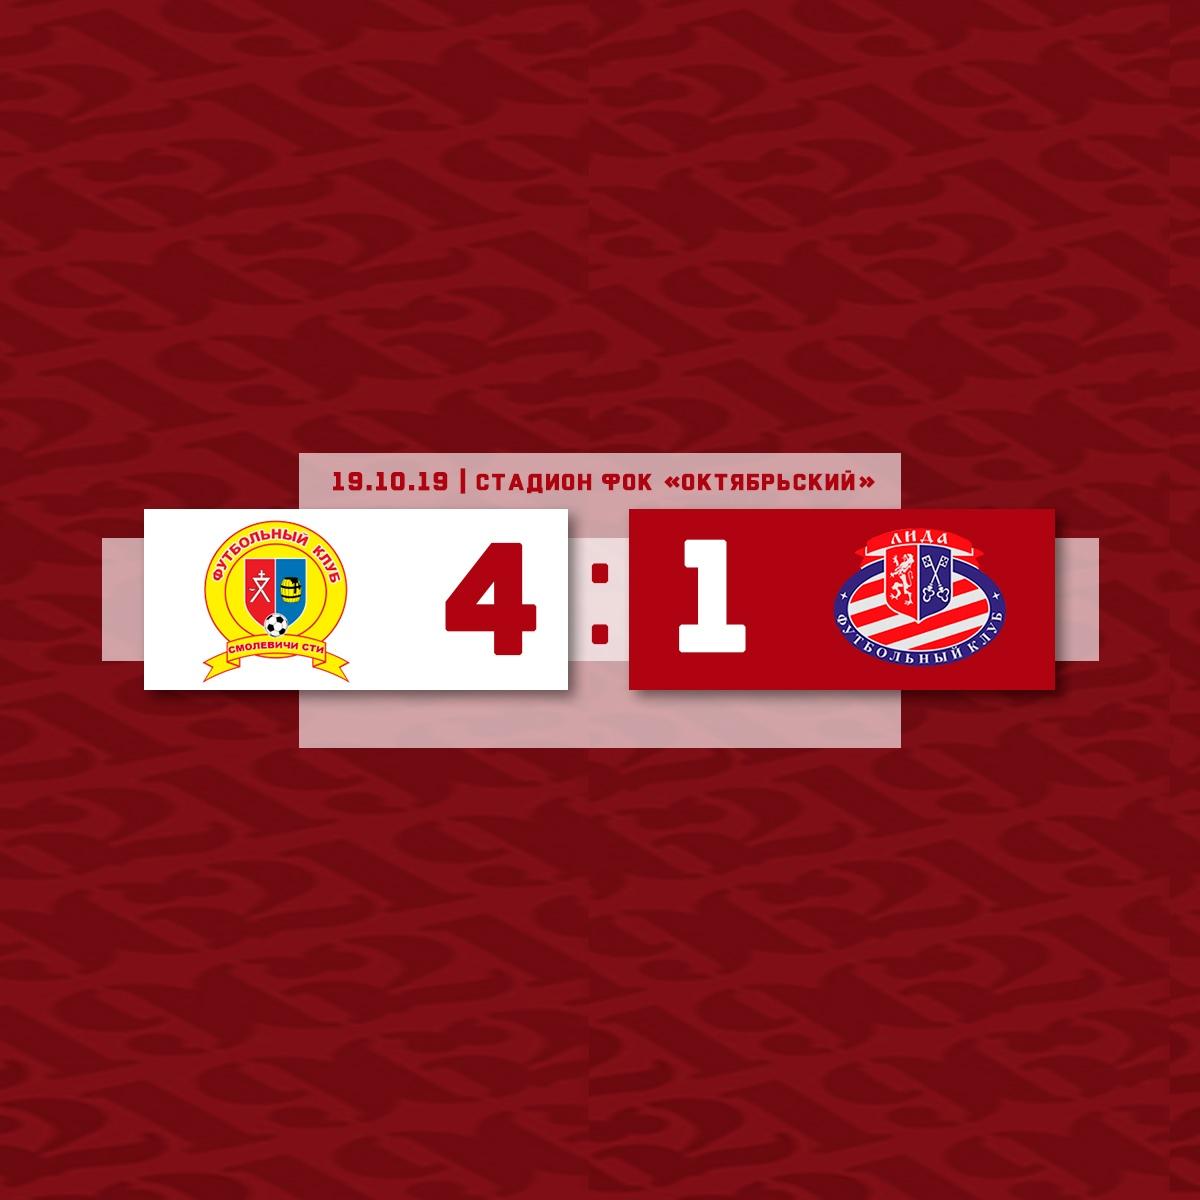 Футбольный клуб «Лида» провел матч 25-го тура чемпионата страны в первой лиге